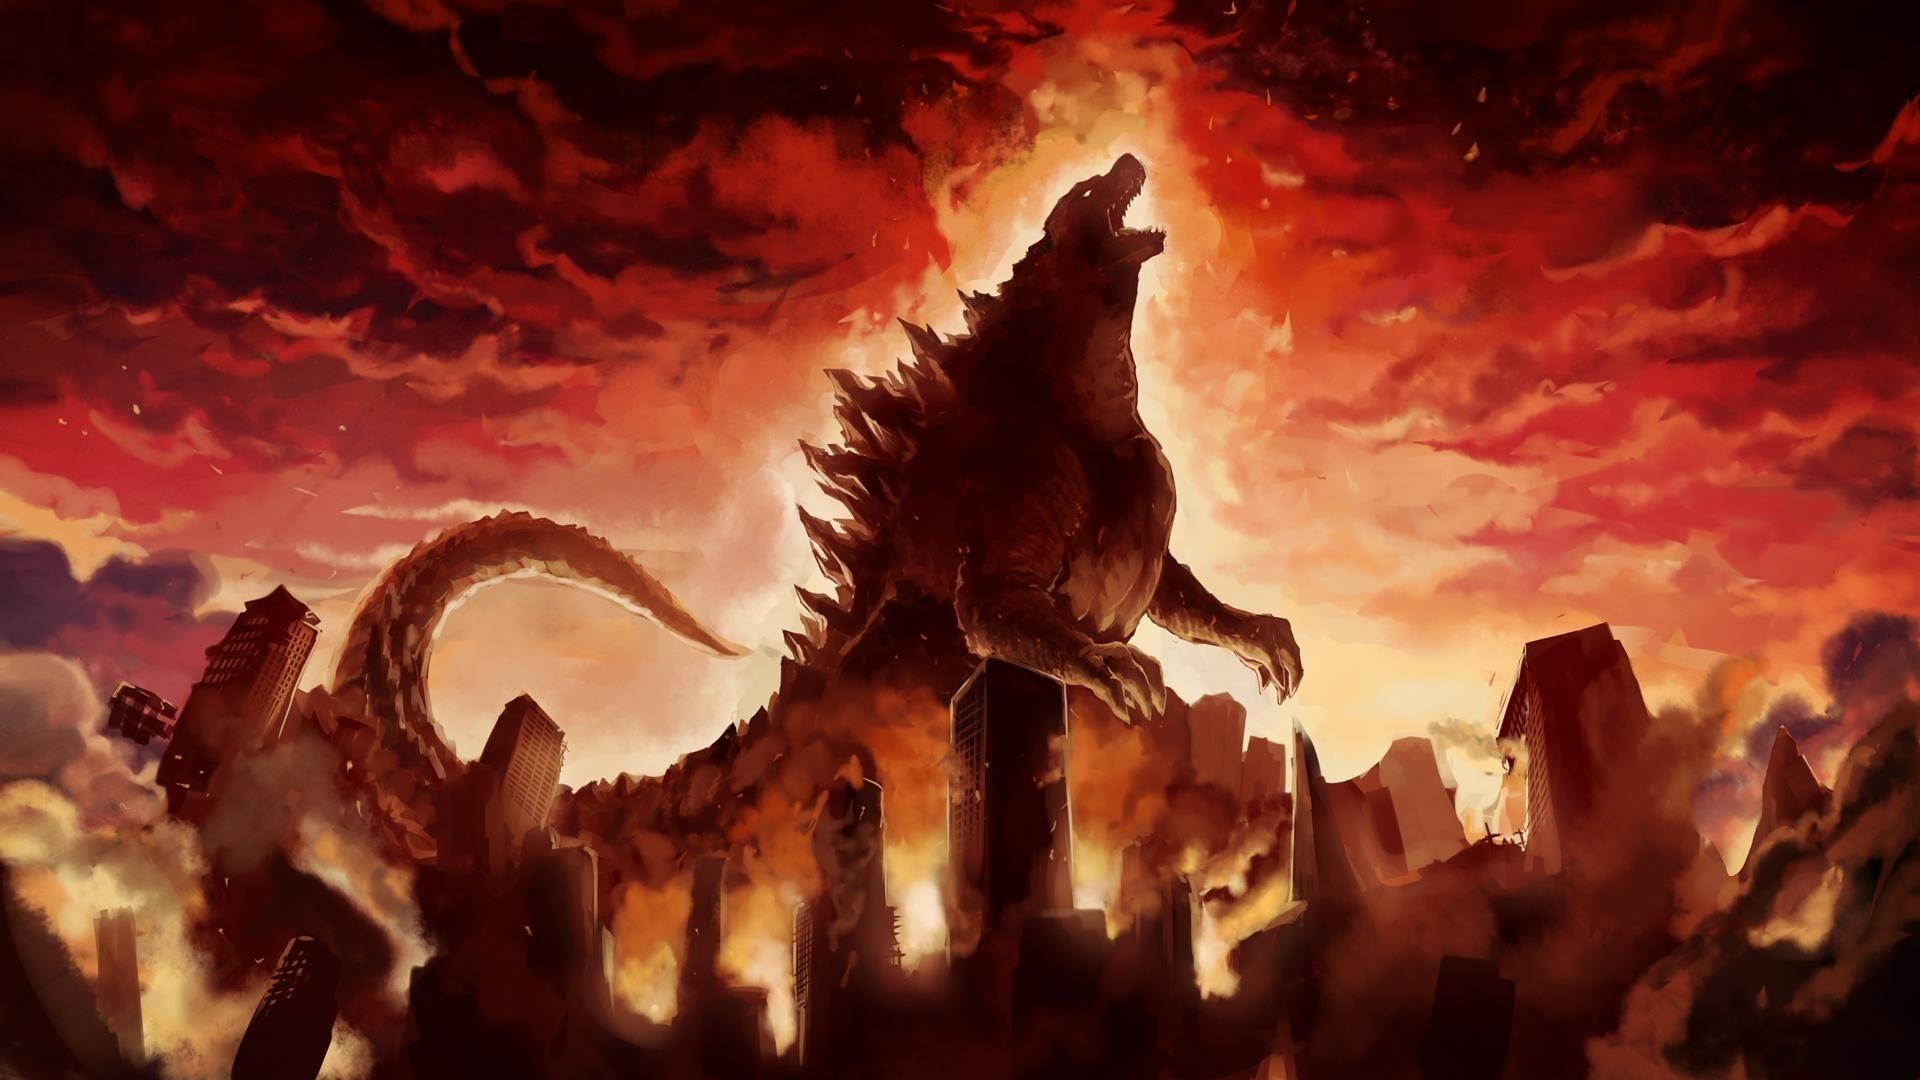 1920x1080 Godzilla (2014) Hình nền 16 - 1920 X 1080